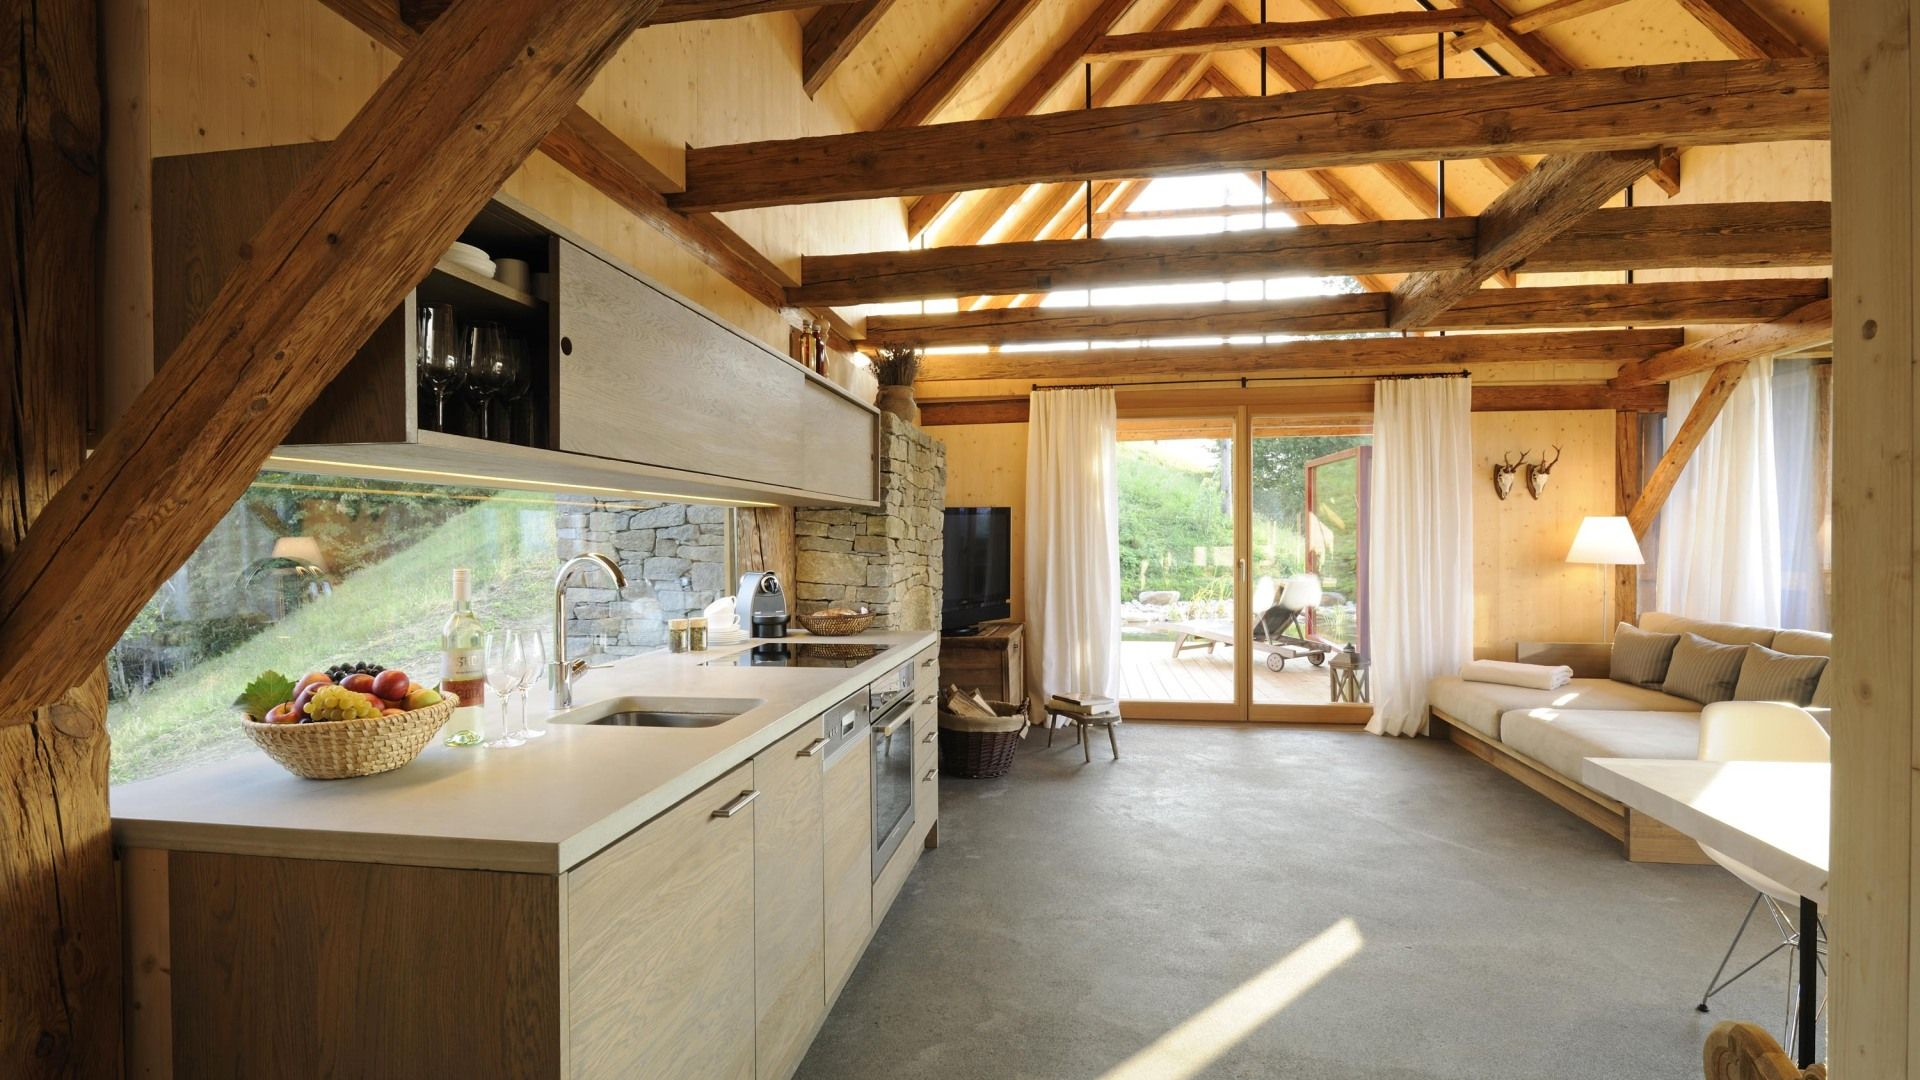 Fußboden Küche Quest ~ Eine offene küche und ein betonboden in einem alten stadl eine